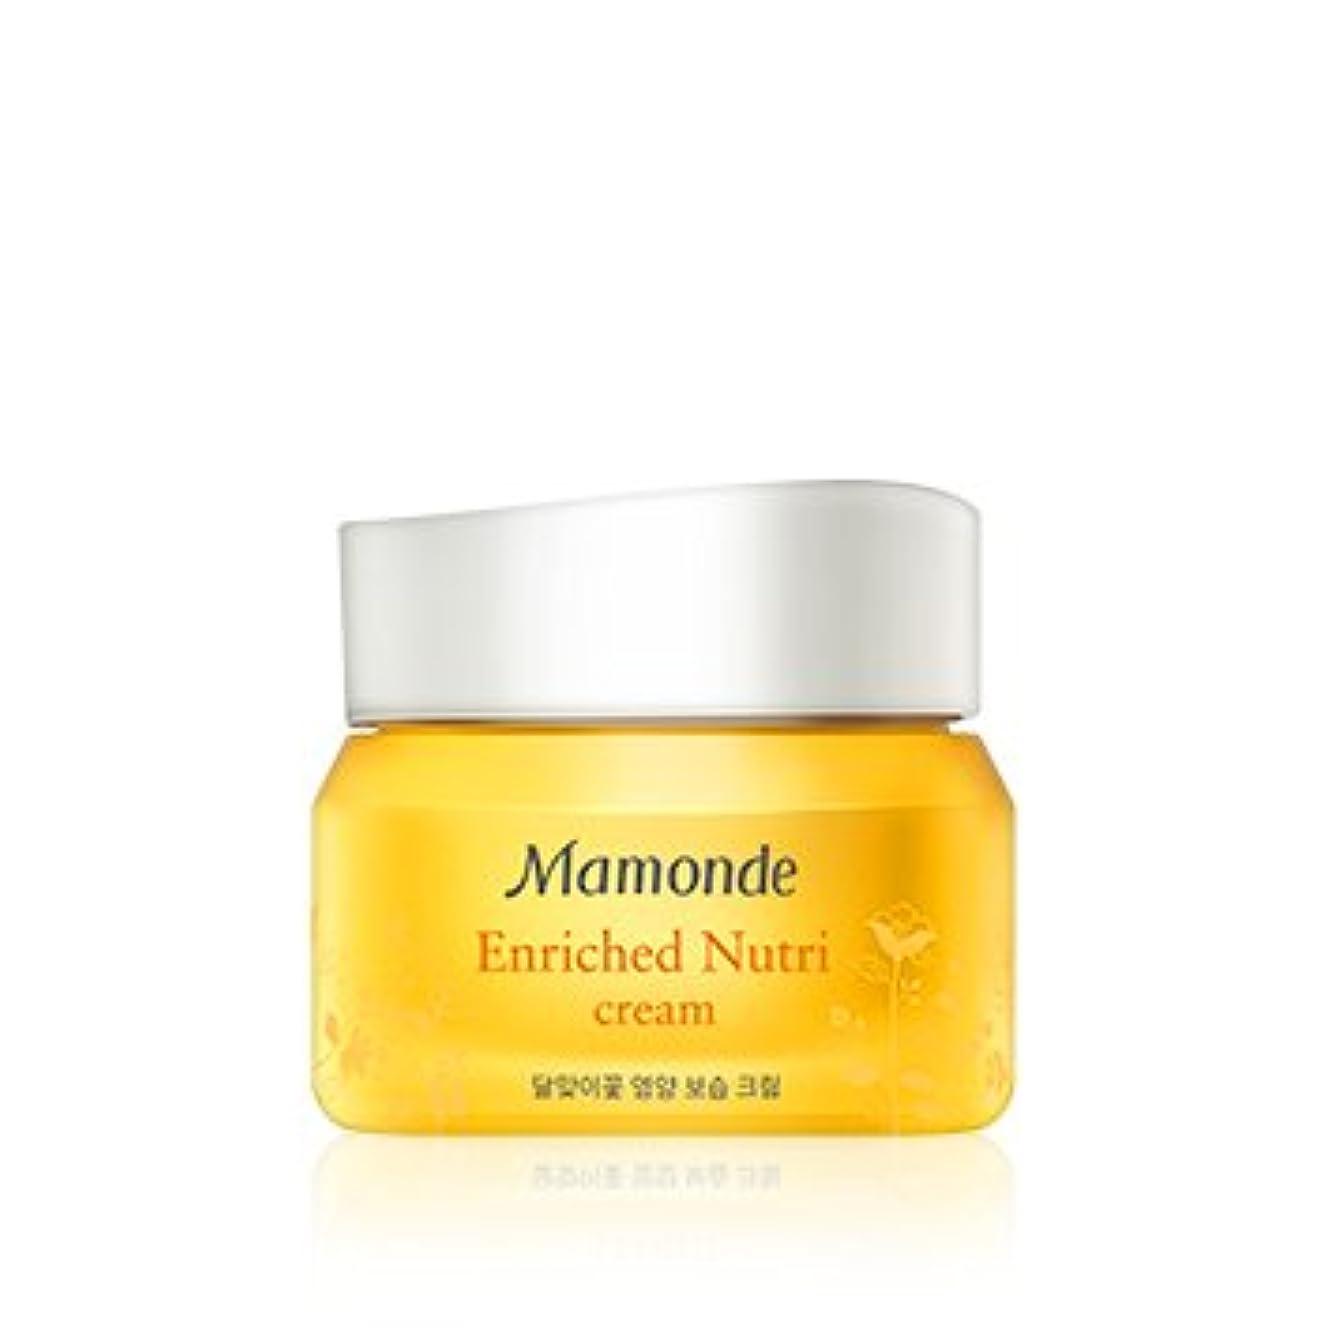 ラメ交流する老朽化した[New] Mamonde Enriched Nutri Cream 50ml/マモンド エンリッチド ニュートリ クリーム 50ml [並行輸入品]